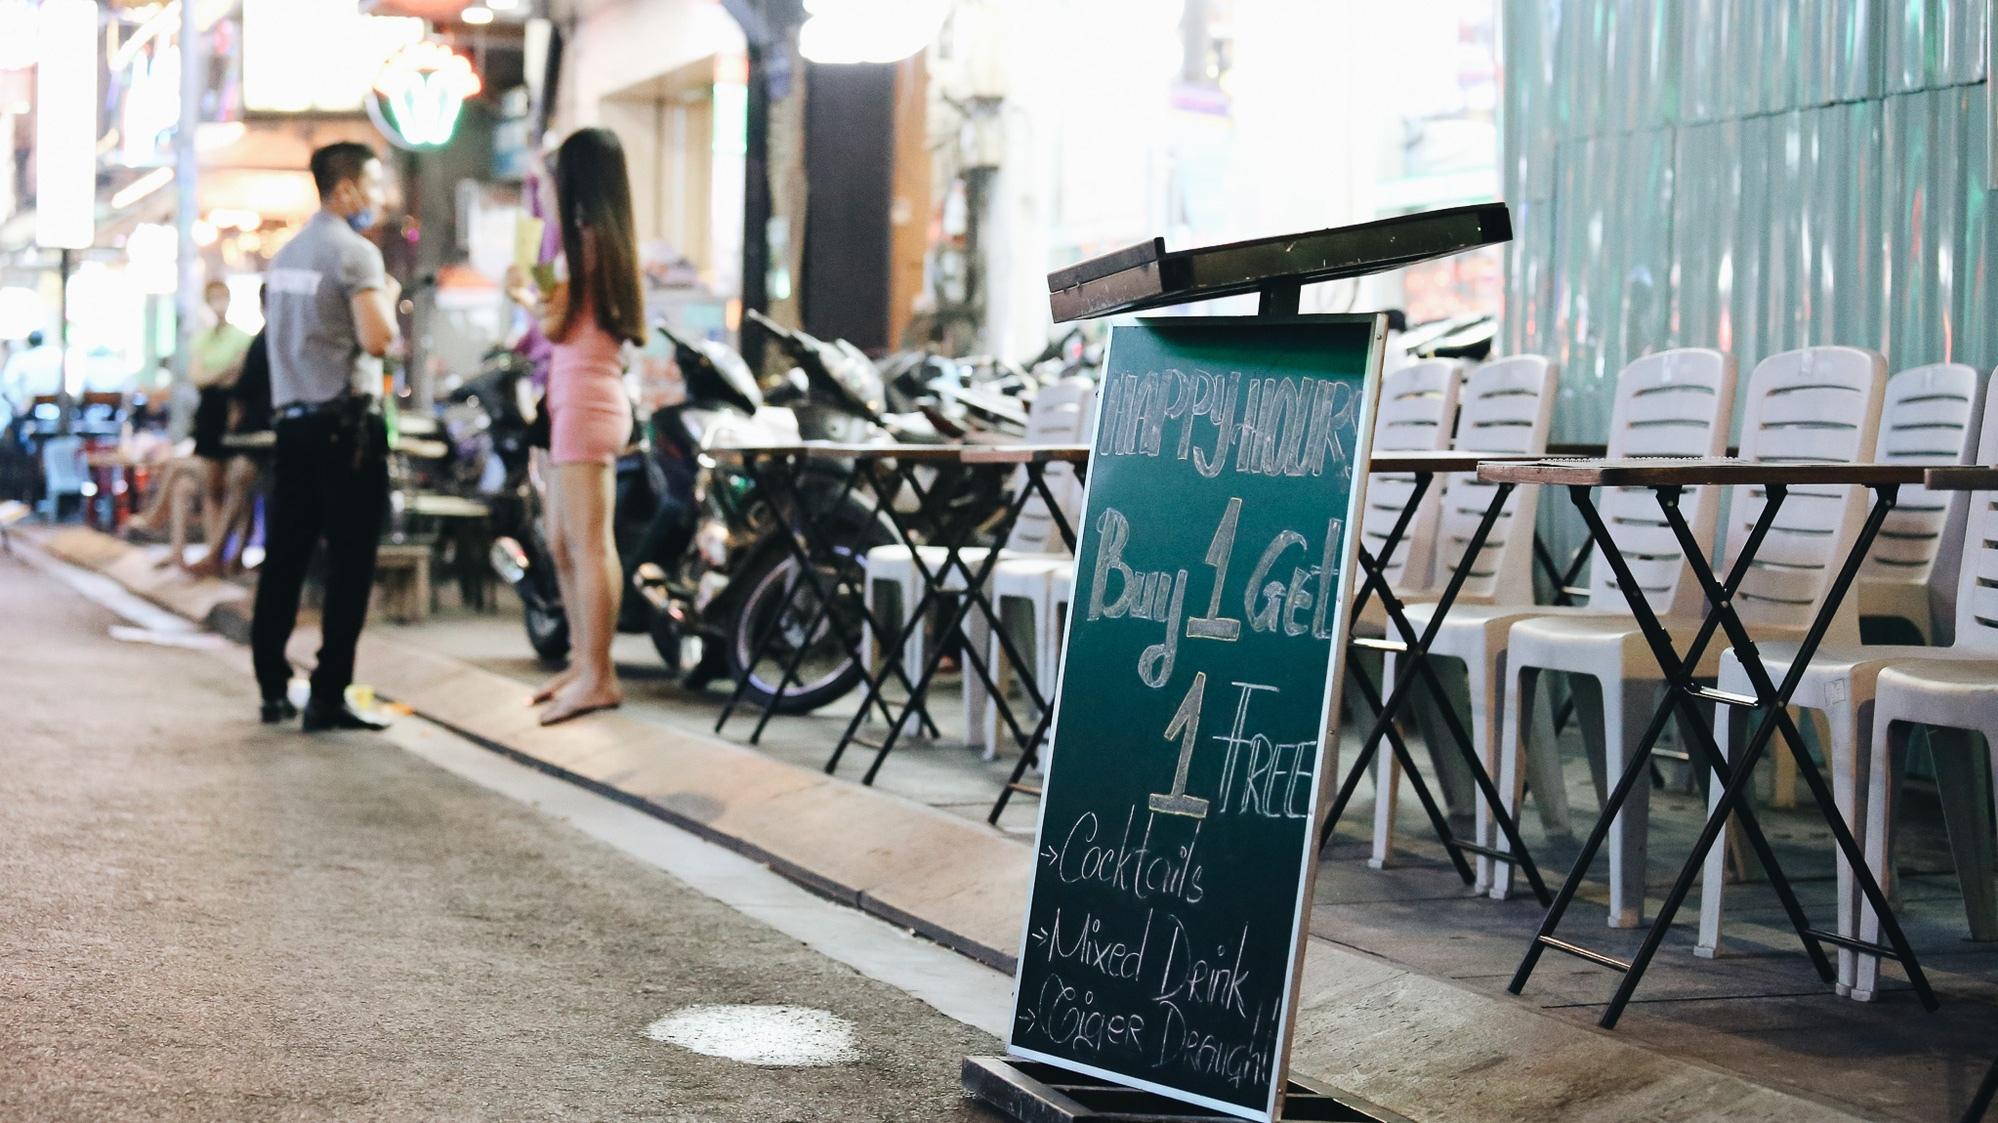 Phố Tây Bùi Viện ế ẩm vì dịch Covid-19 trước giờ tạm dừng hoạt động: Từ con phố sôi động đến nơi vắng lặng nhất Sài Gòn, miễn phí đồ uống cũng chẳng có khách